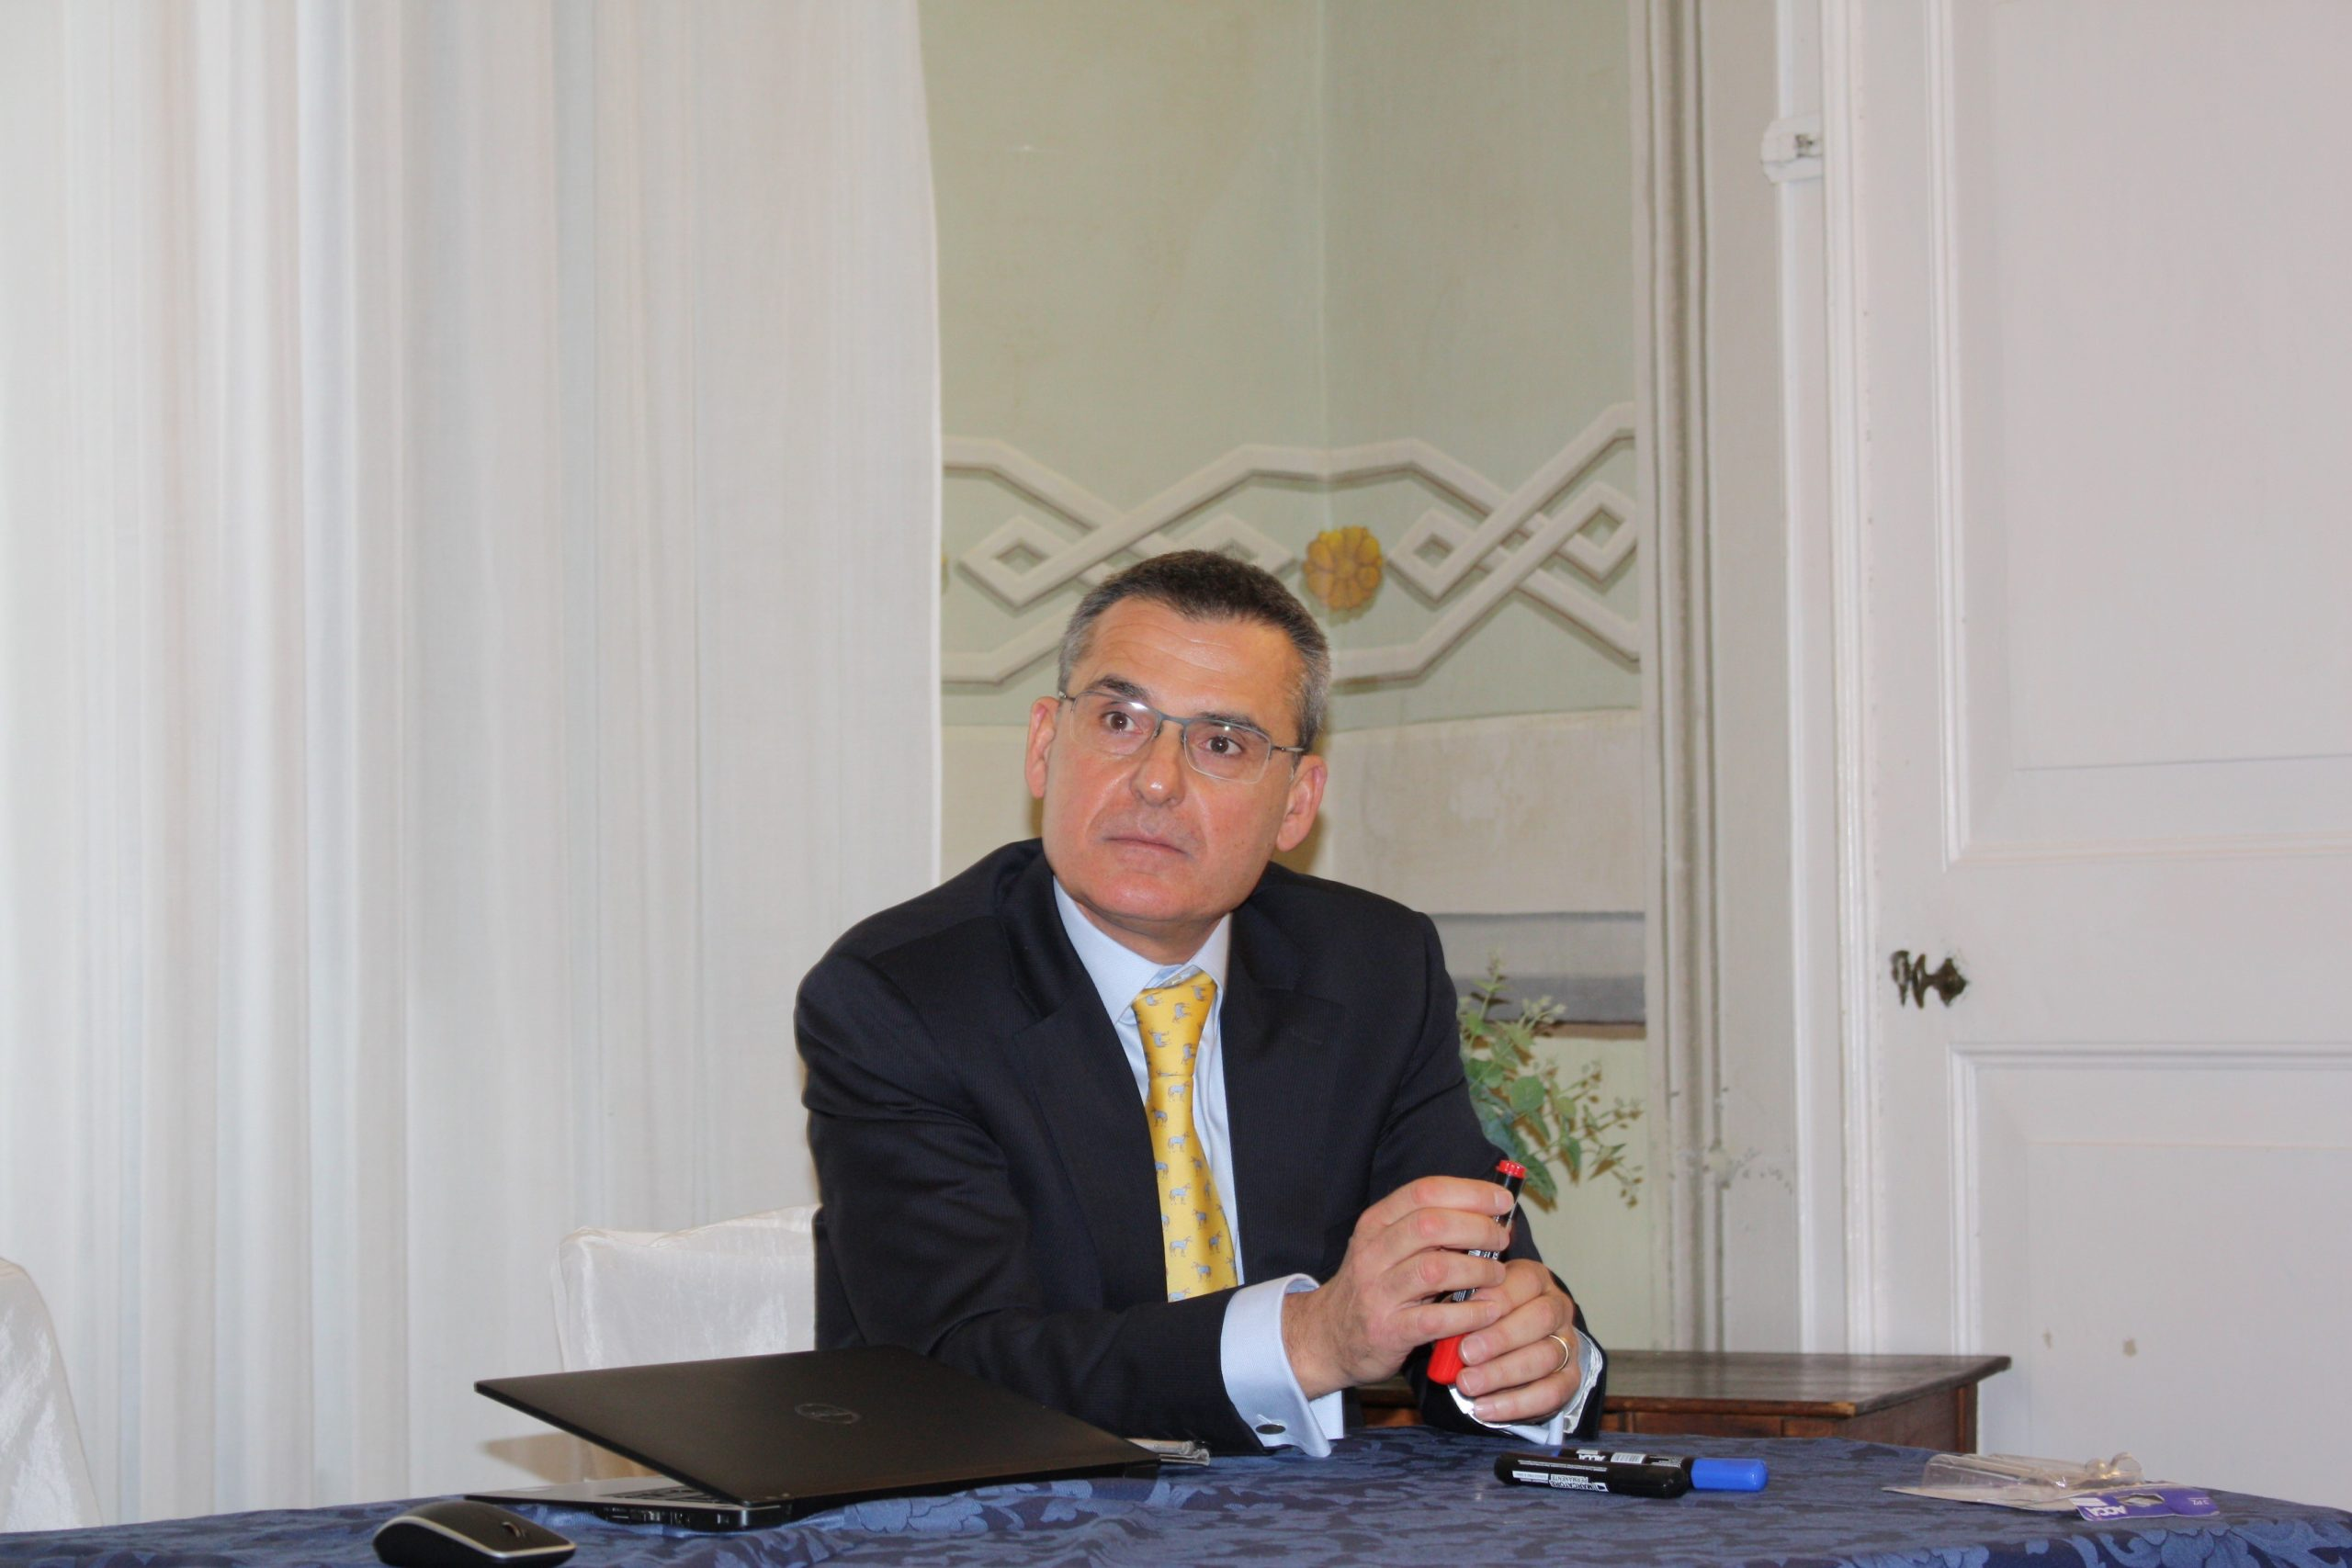 Valerio Barsacchi